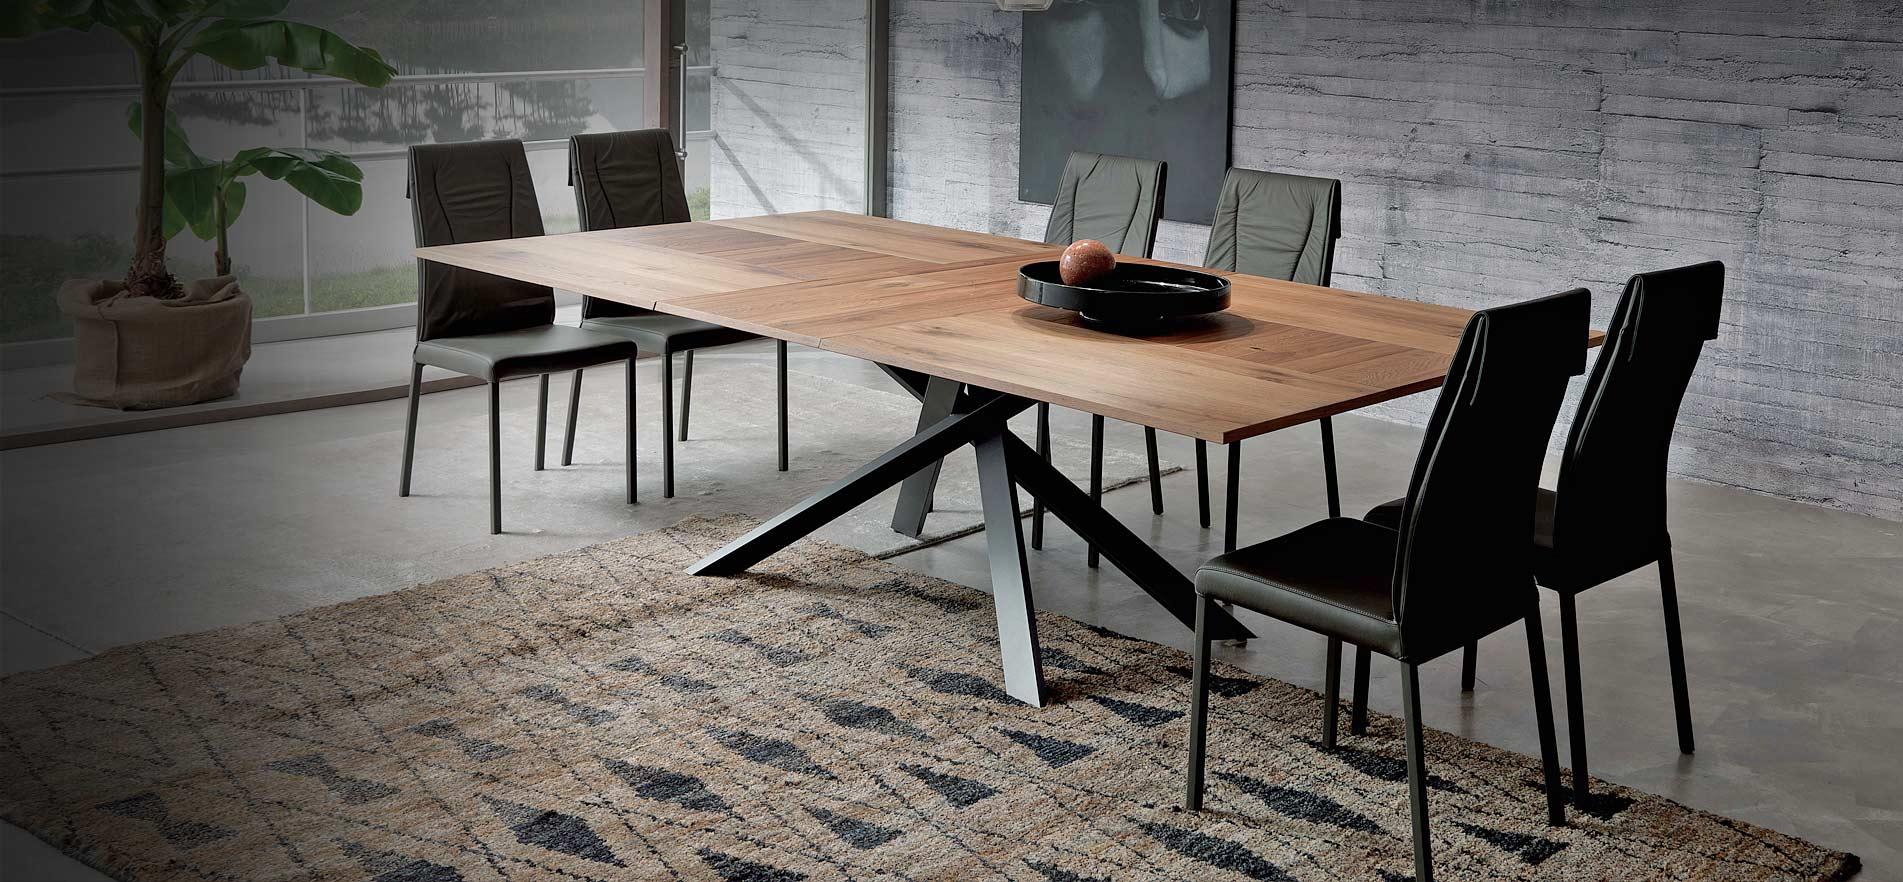 Full Size of Esstische Groe Fr Ihr Esszimmer Moderne Runde Rund Designer Kleine Massiv Design Holz Massivholz Ausziehbar Esstische Esstische